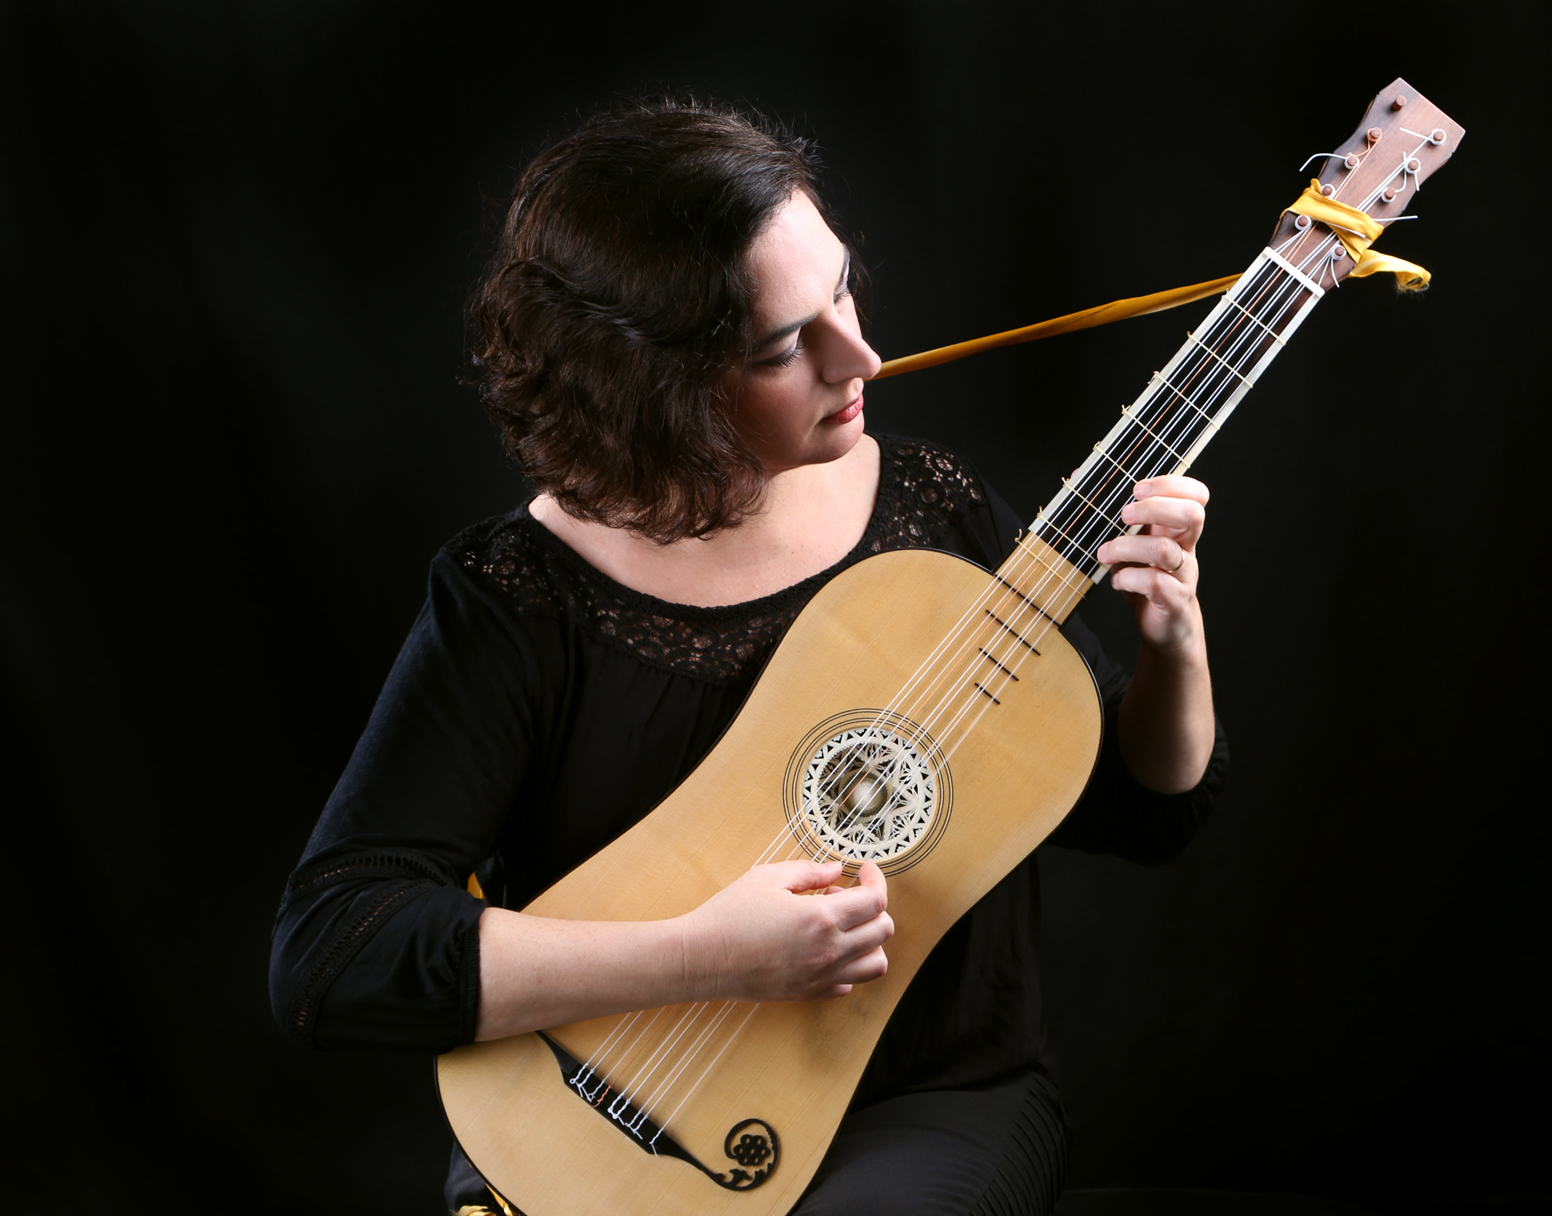 Rosimary Parra e guitarra barroca (foto Andreia Miguel)